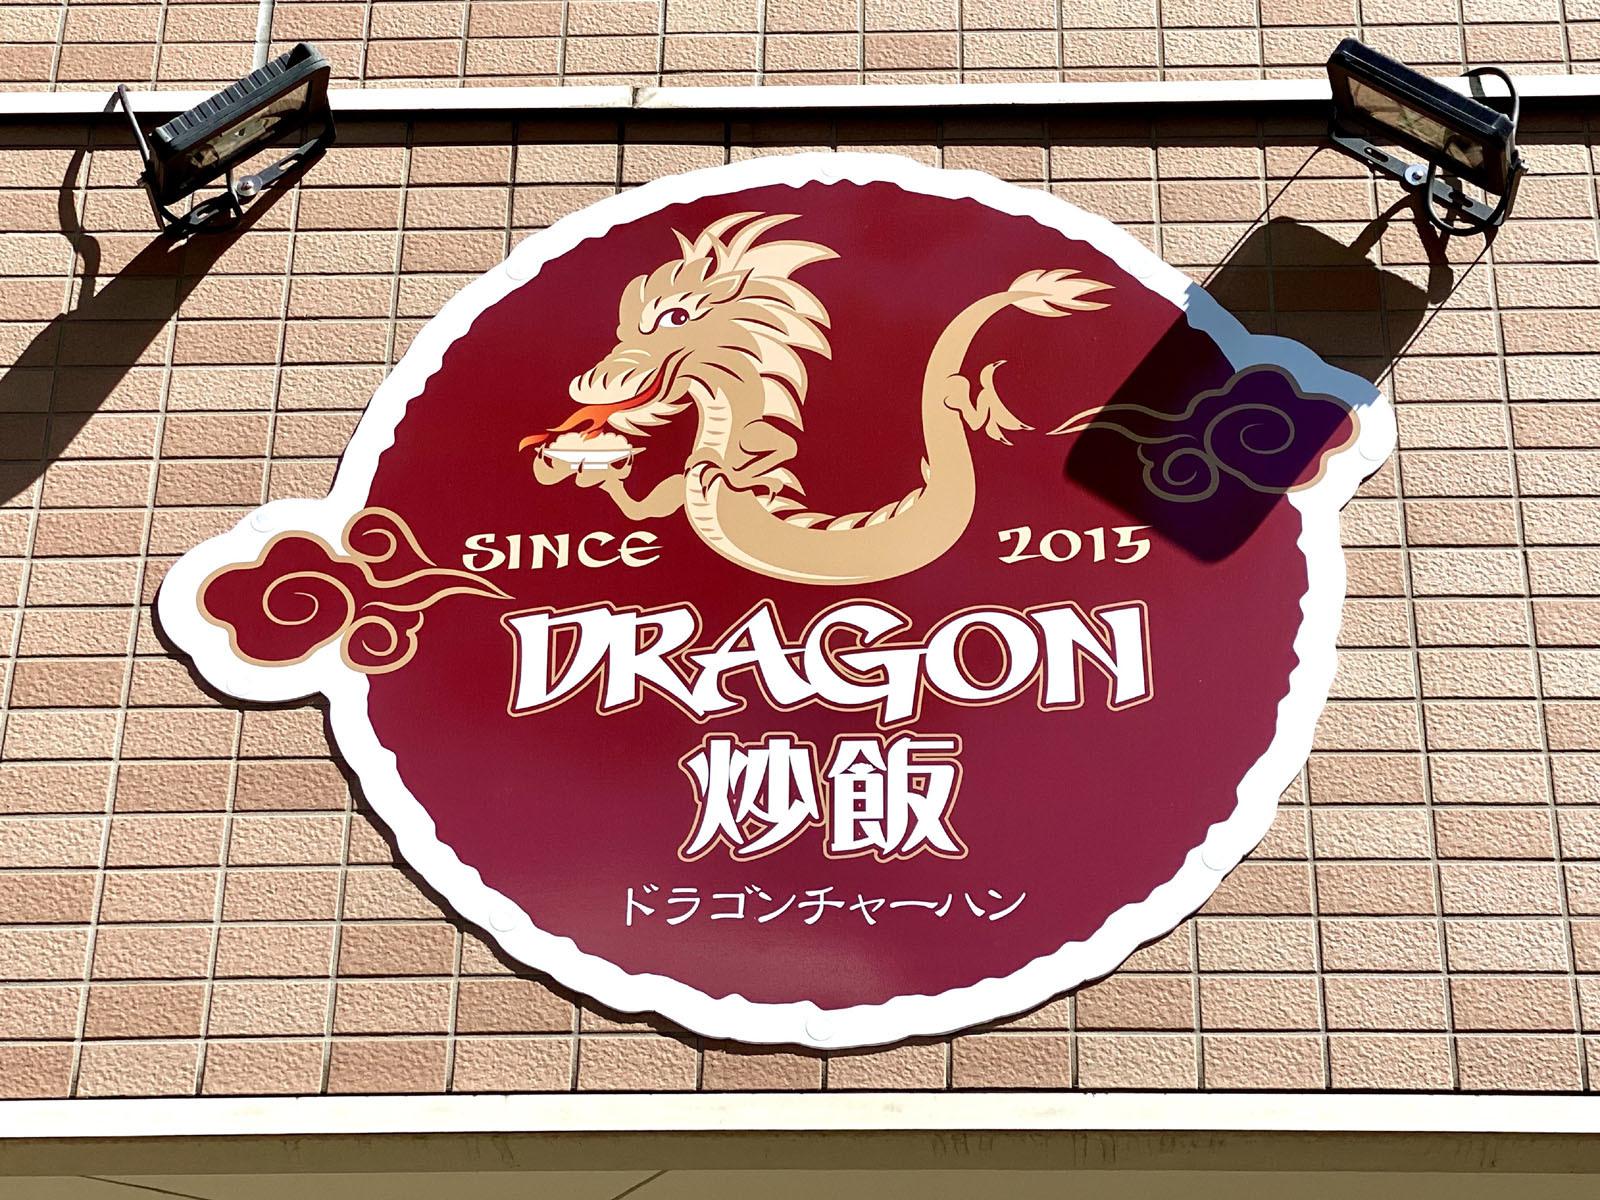 ドラゴン炒飯 看板